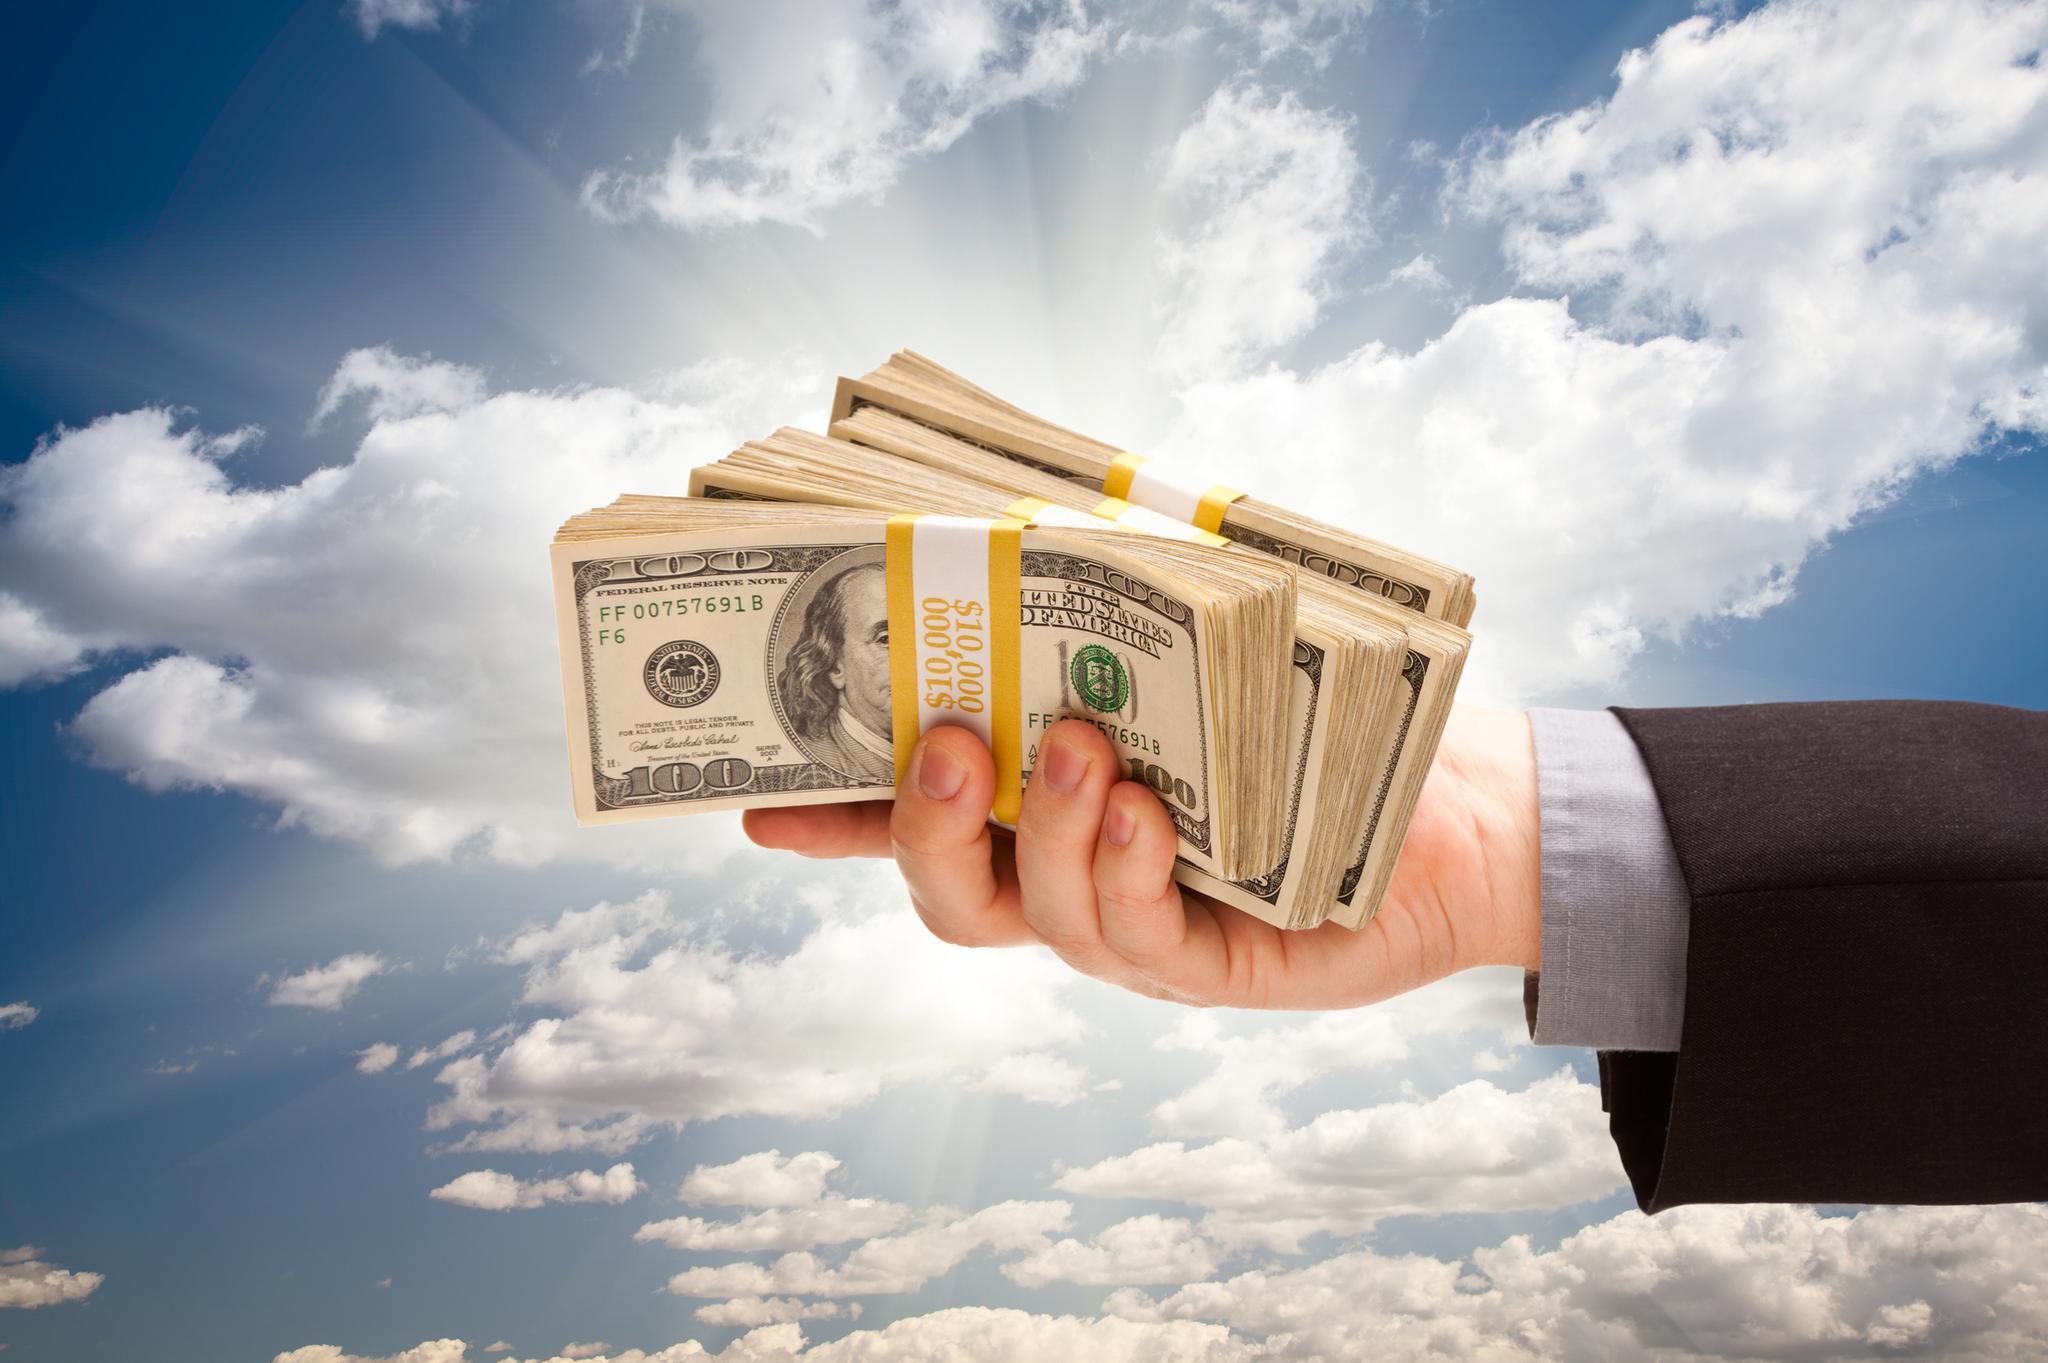 Деньги в руках — Money in hands